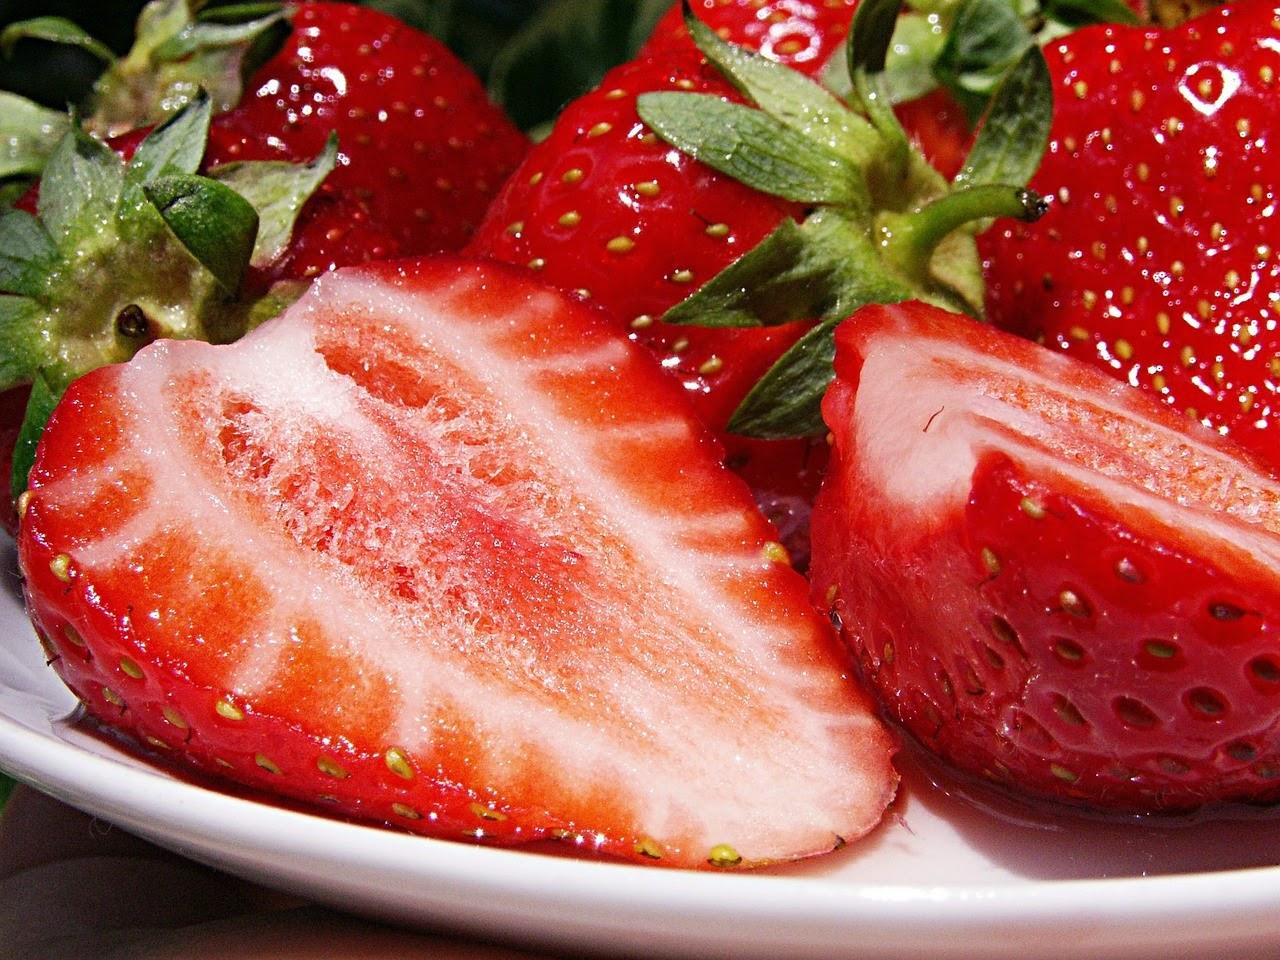 ¿Cuáles son las frutas que menos engordan? En este post podemos ver las frutas con menos calorías, de modo que podamos tomar más porciones de estas y si tomamos la misma porción ayudarnos a adelgazar